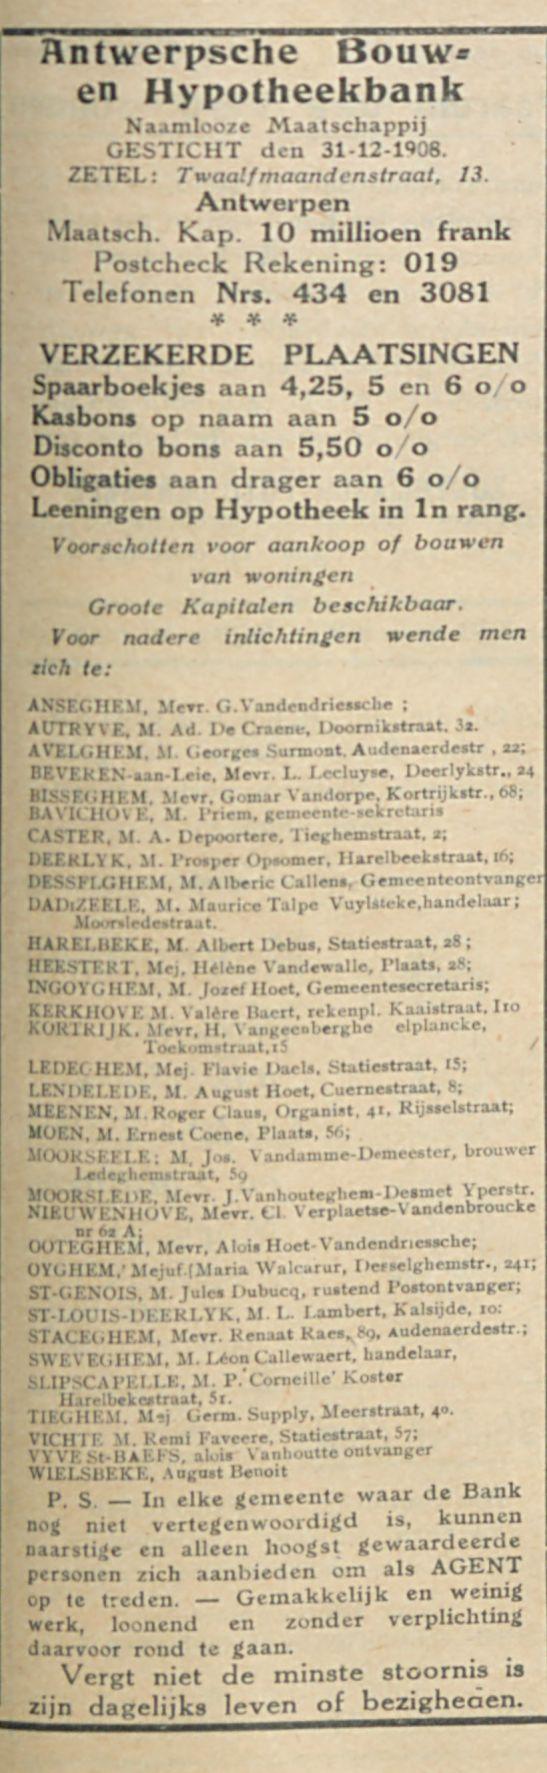 Antwerpsche Bouw en Hypotheekbank